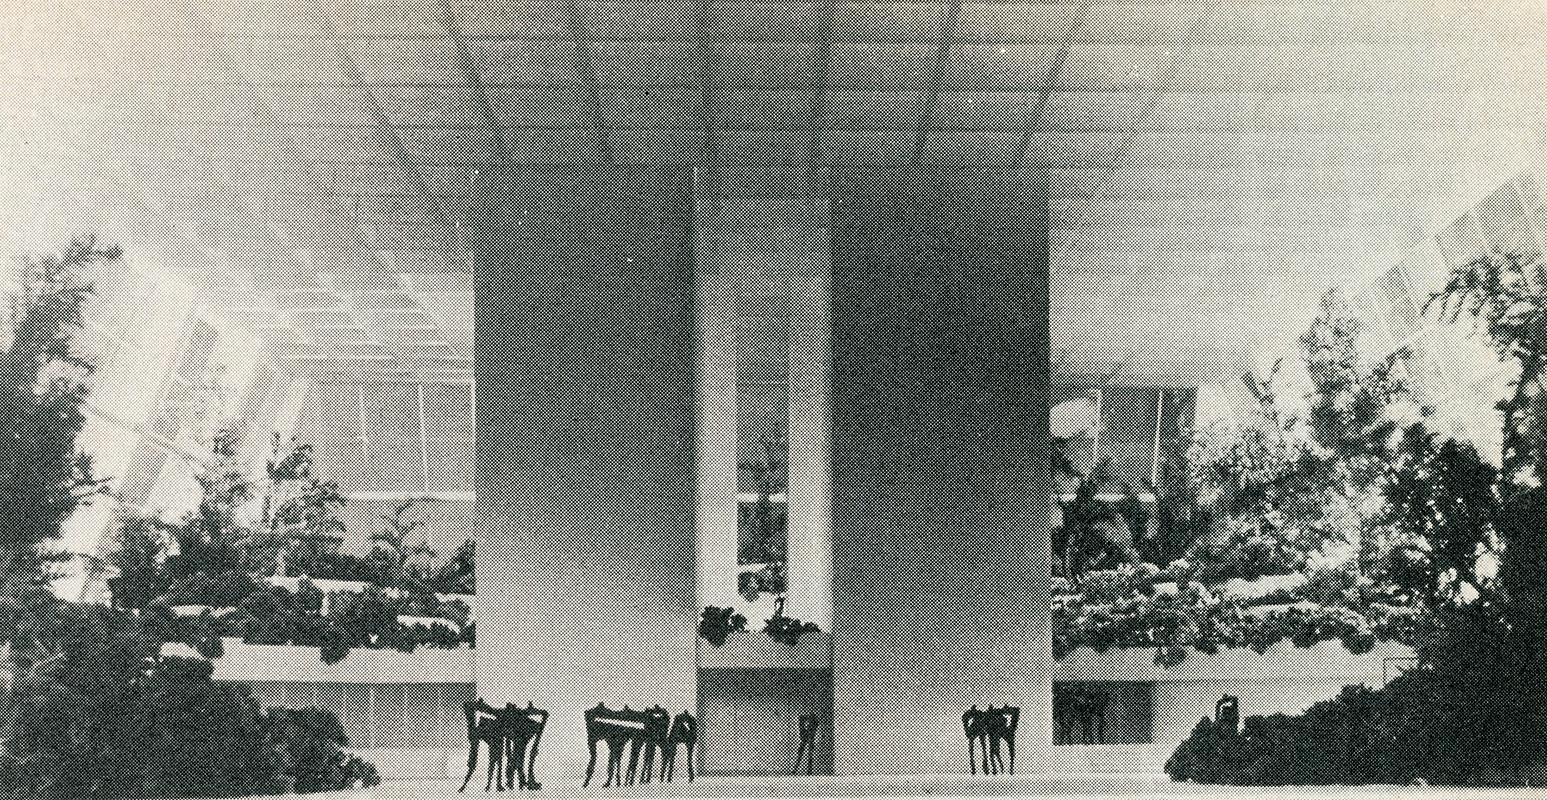 Takenaka. Architectural Record. Sep 1972, 43